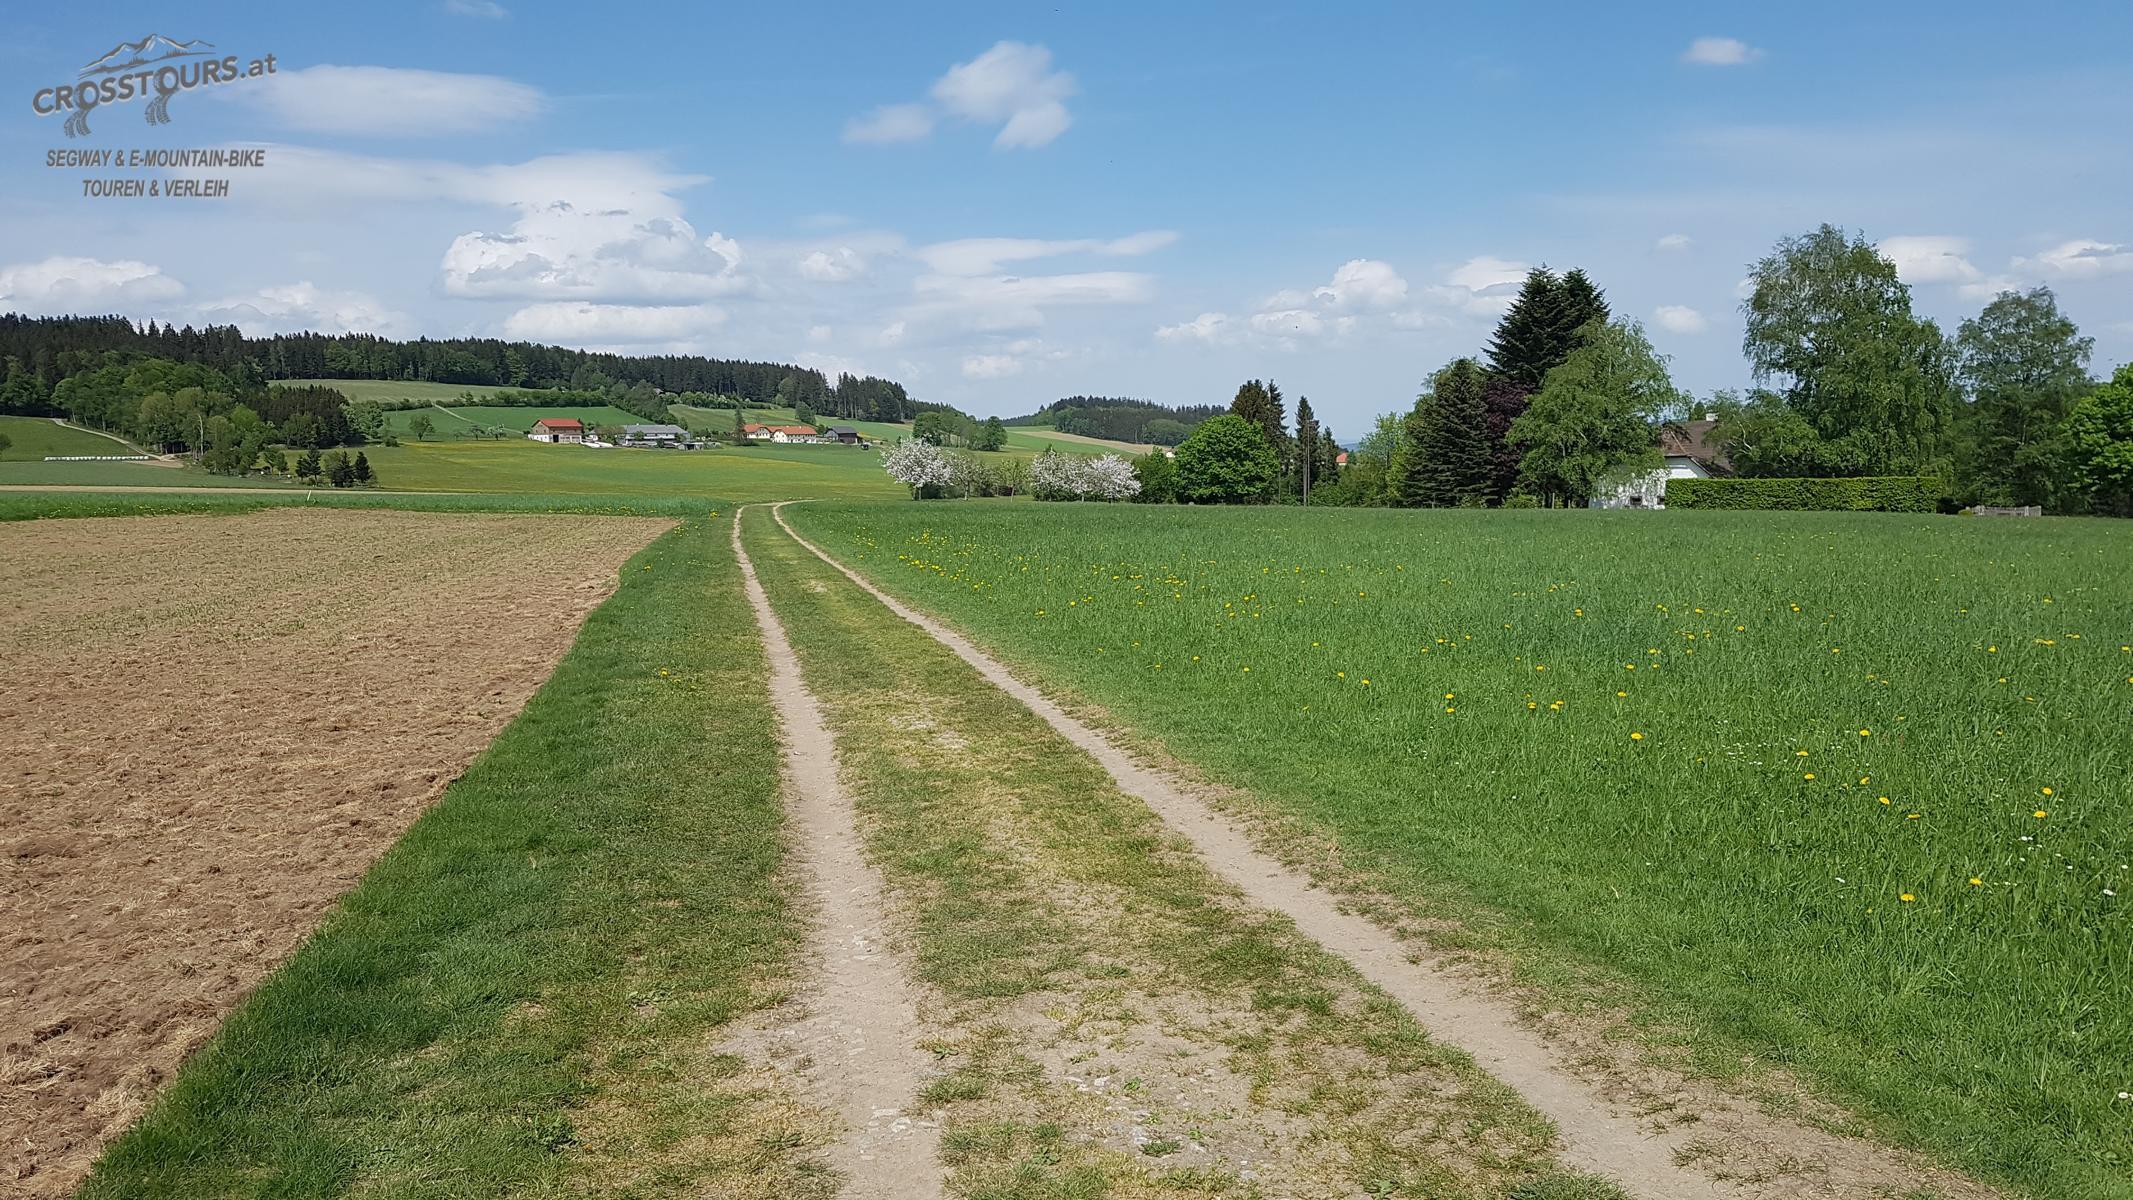 Segway Tour Bad Leonfelden Miesenwald Runde Crosstours.at Falkensteiner